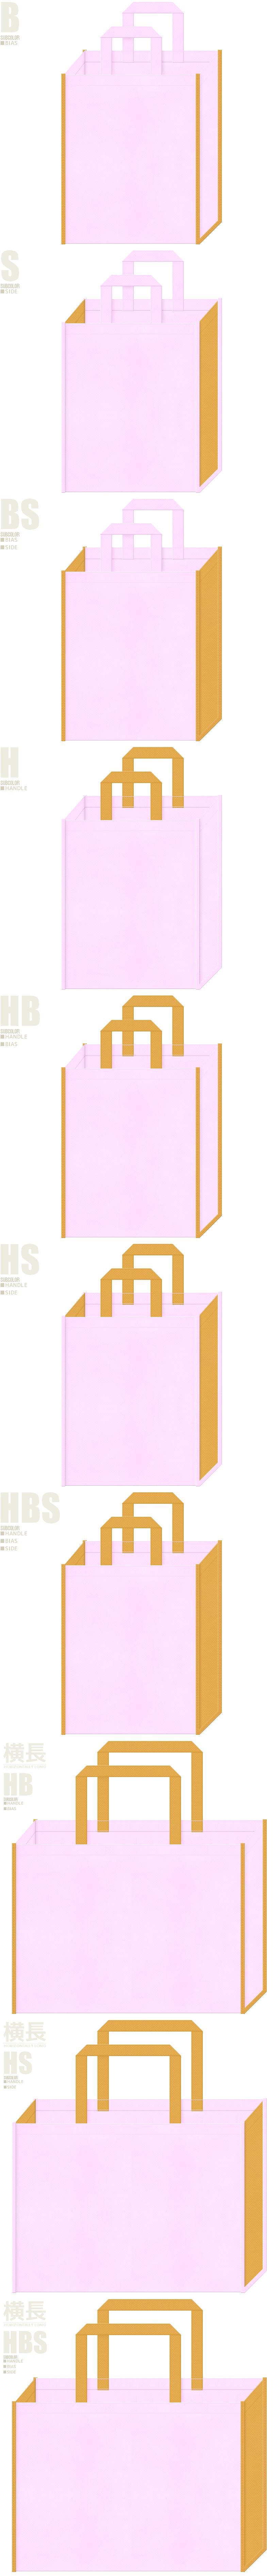 ペットショップ・ペットサロン・ペット用品・ペットフード・アニマルケア・絵本・おとぎ話・キャンディー・ワンダーランド・テーマパーク・プリンセス・ガーリーデザインにお奨めの不織布バッグデザイン:パステルピンク色と黄土色の配色7パターン。